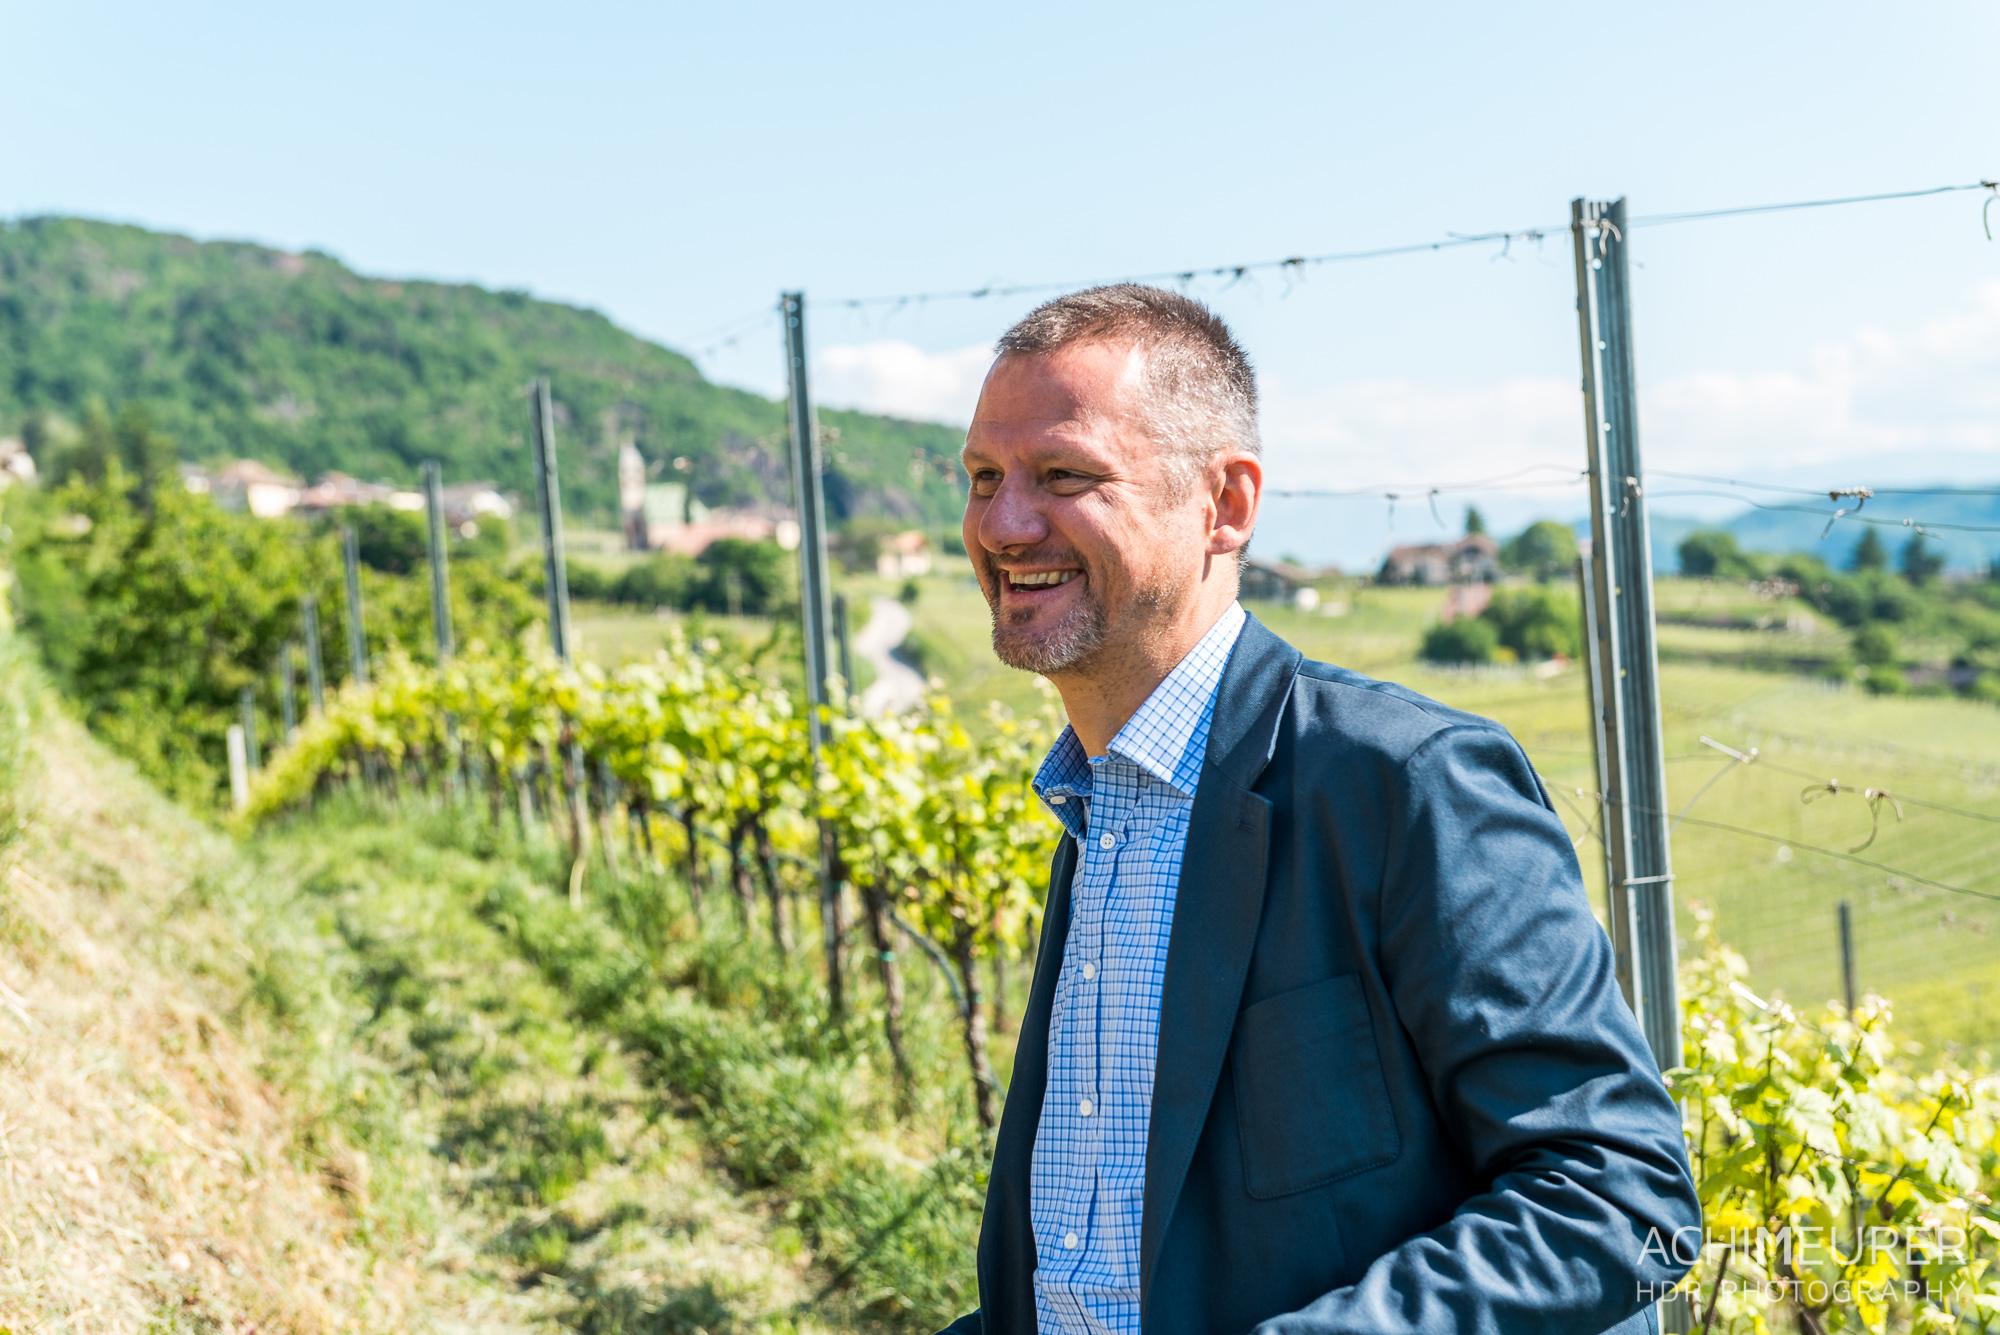 Suedtirol-Sueden-Weinstrasse-Tramin-Weingut-Hofstaetter-Winzer_0271